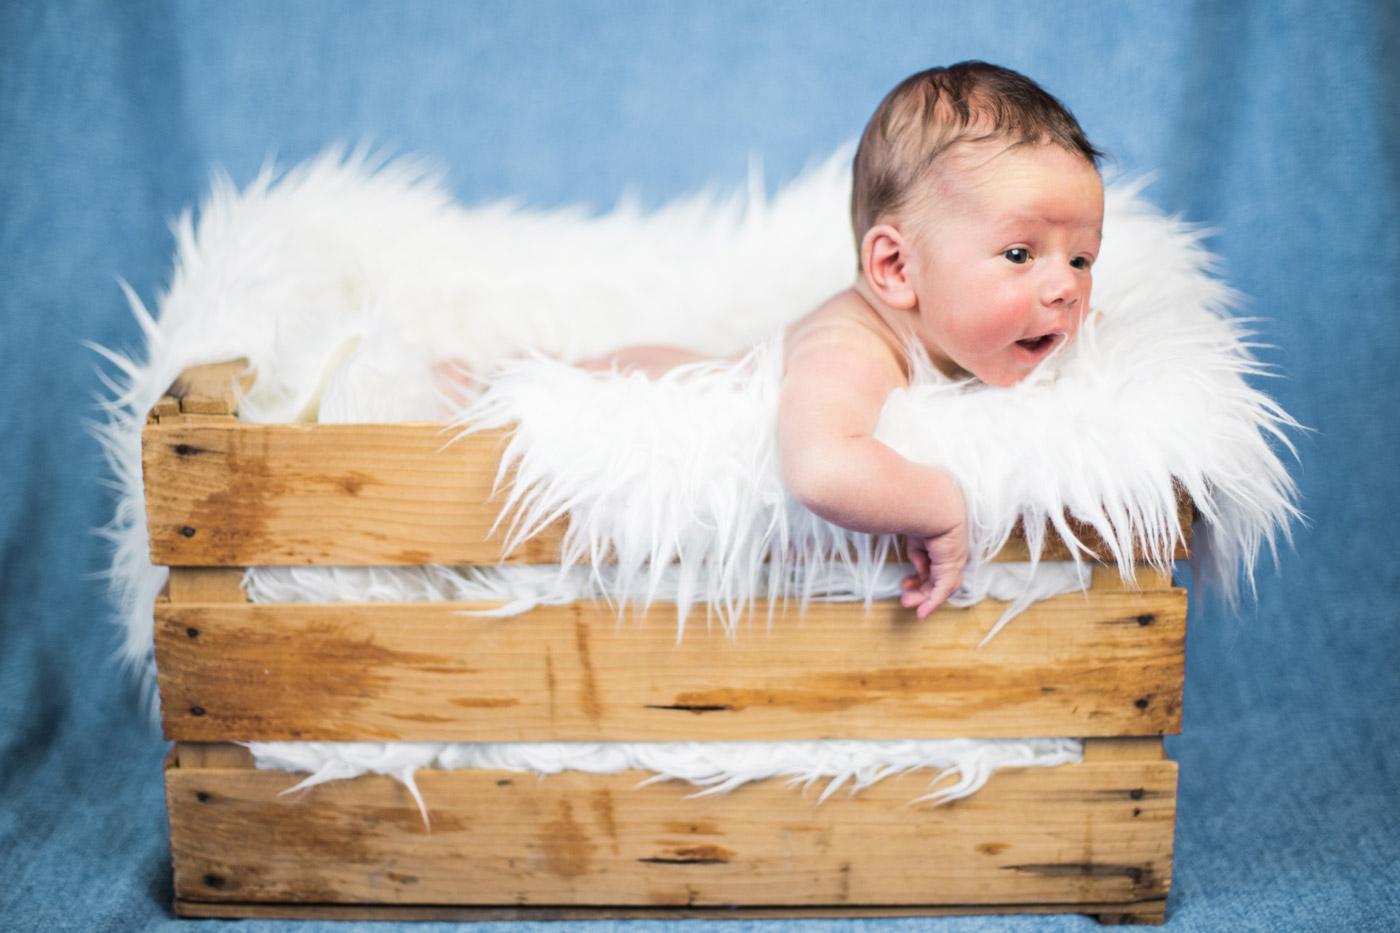 bebé en una caja de madera con mantas de pelo largo